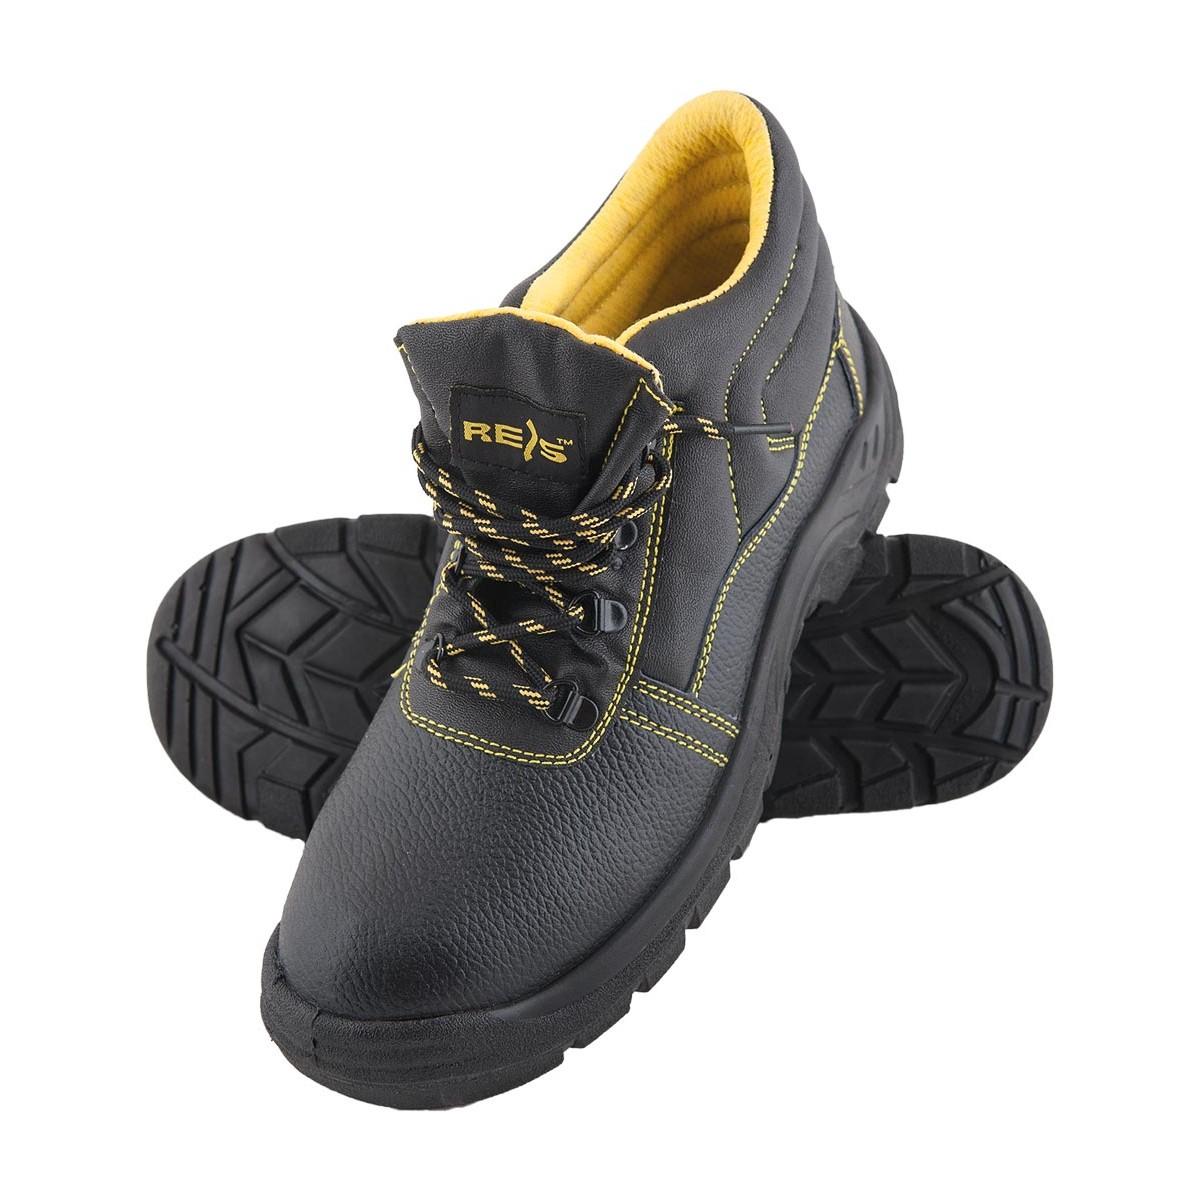 Buty robocze bezpieczne trzewiki YES S3 SRC r. 36-50